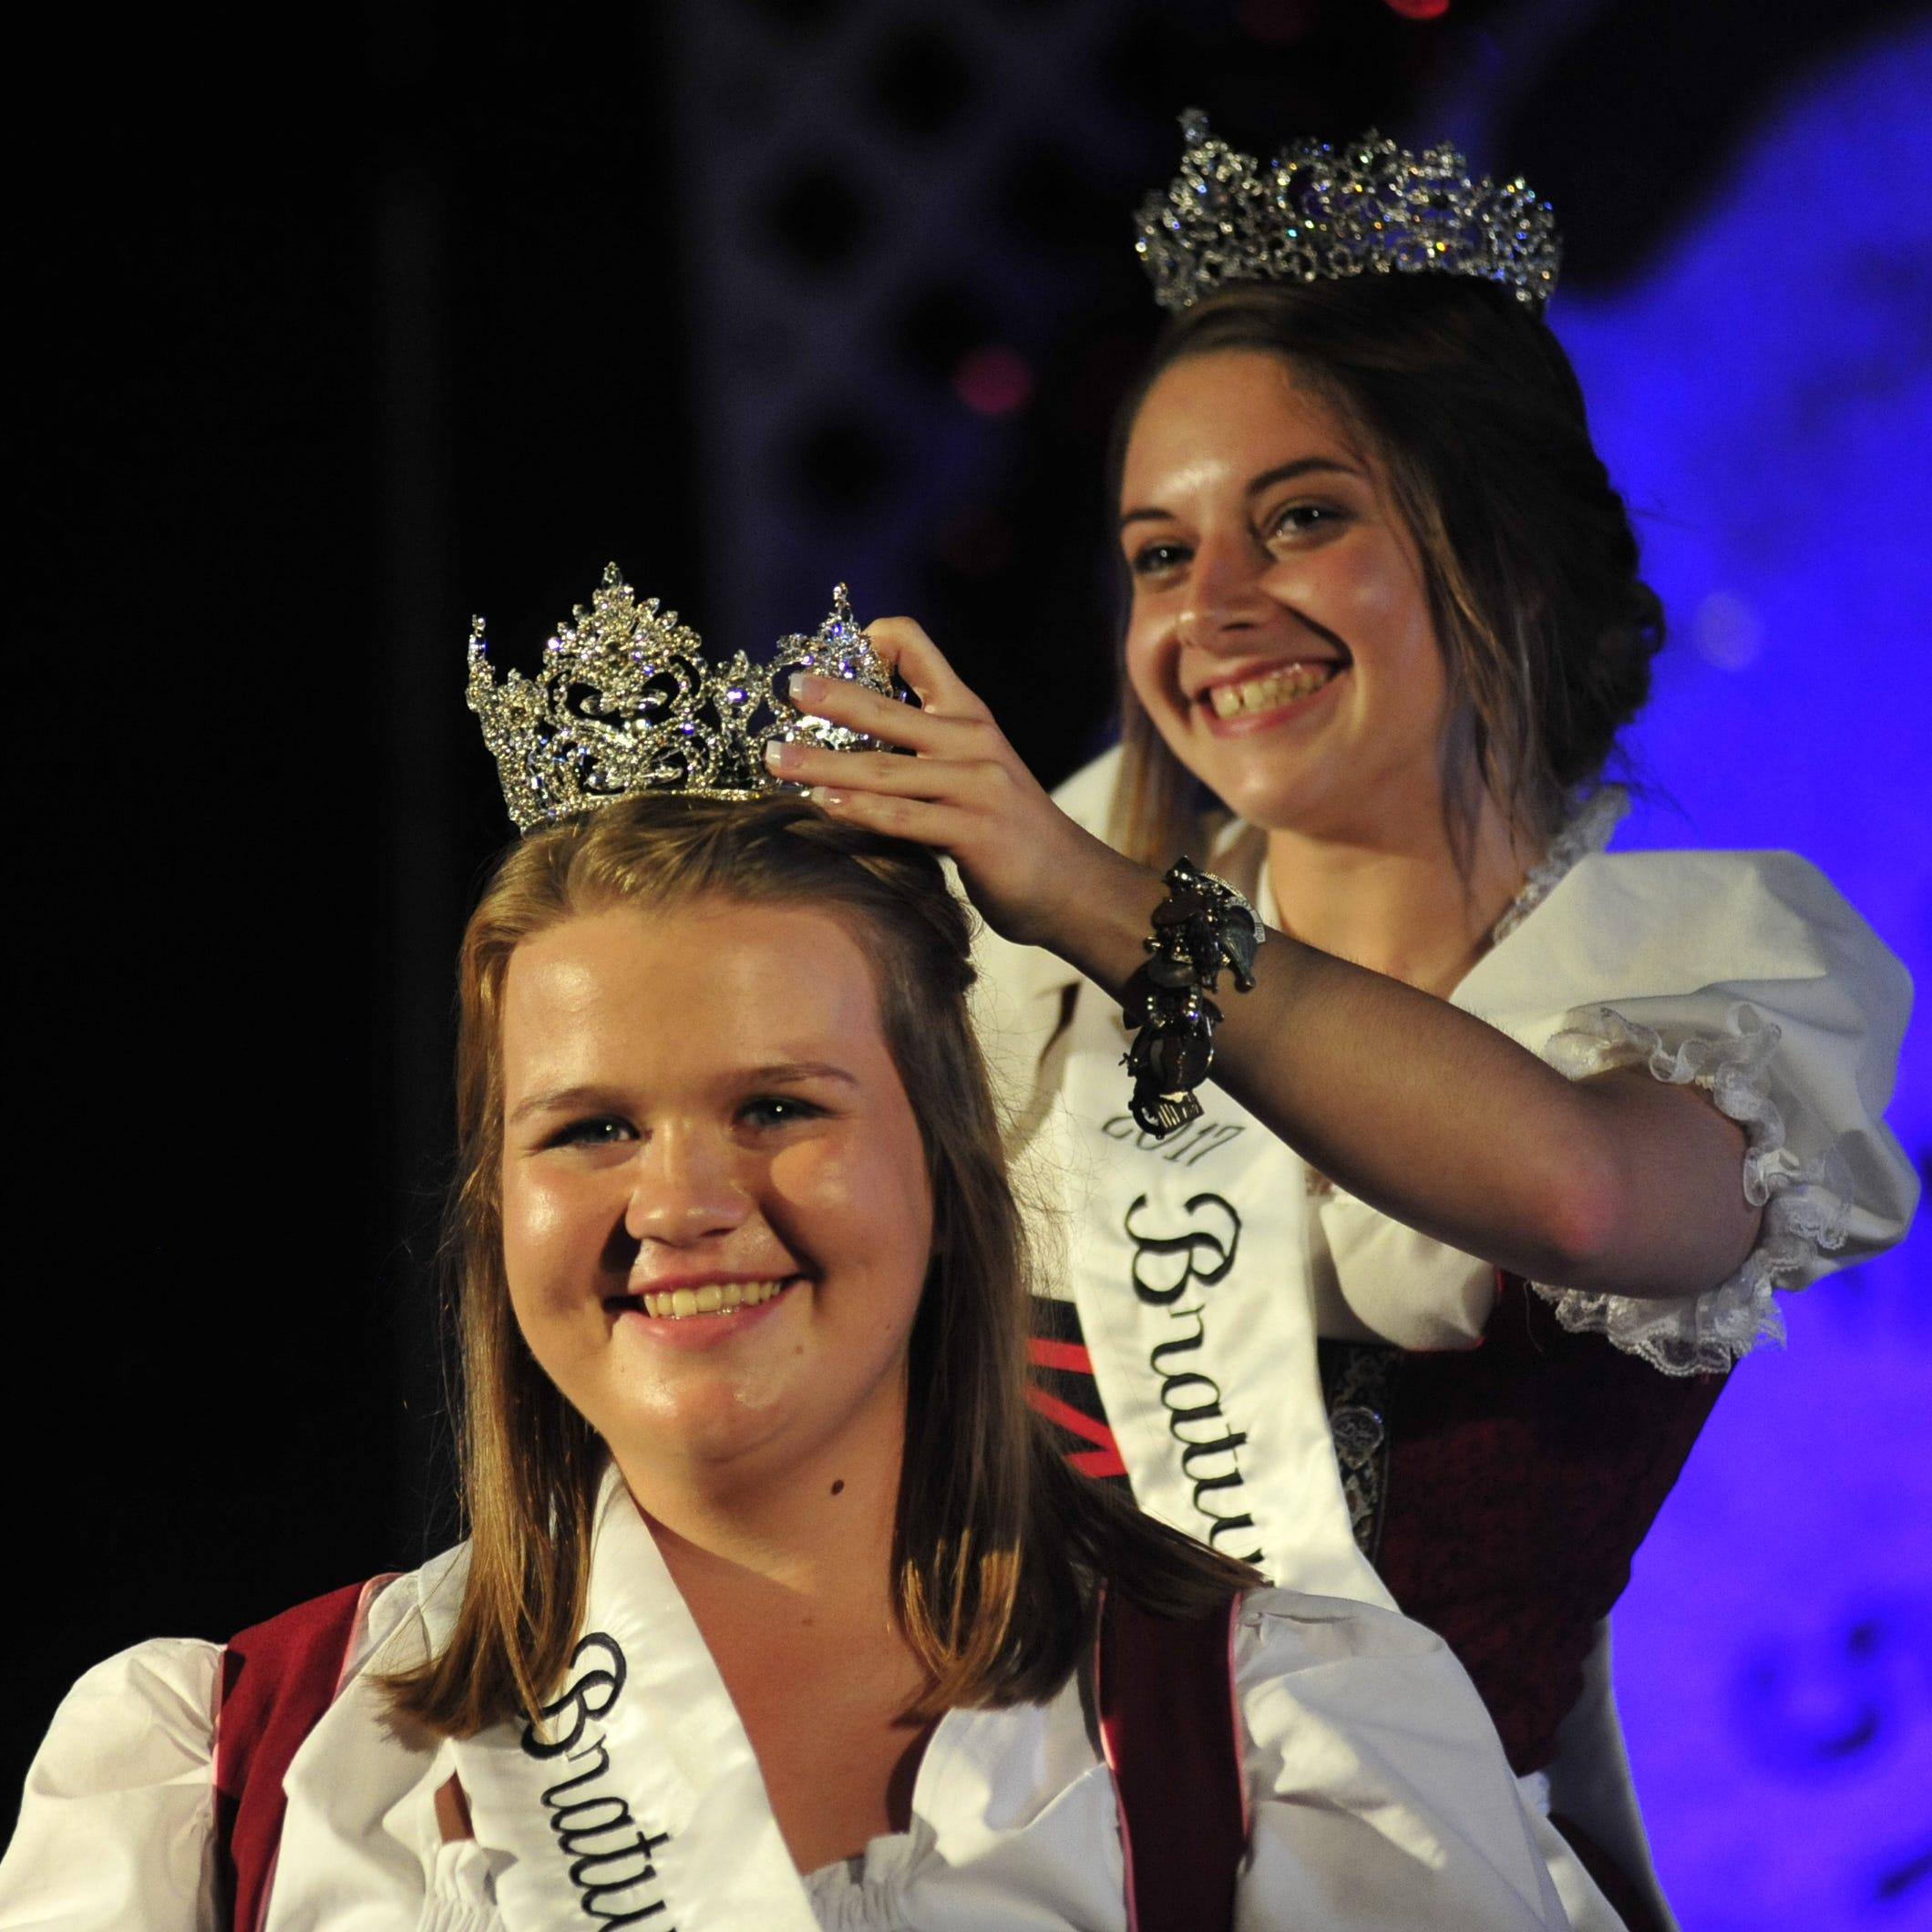 Emily Rudd named 2018 Bratwurst Festival Queen